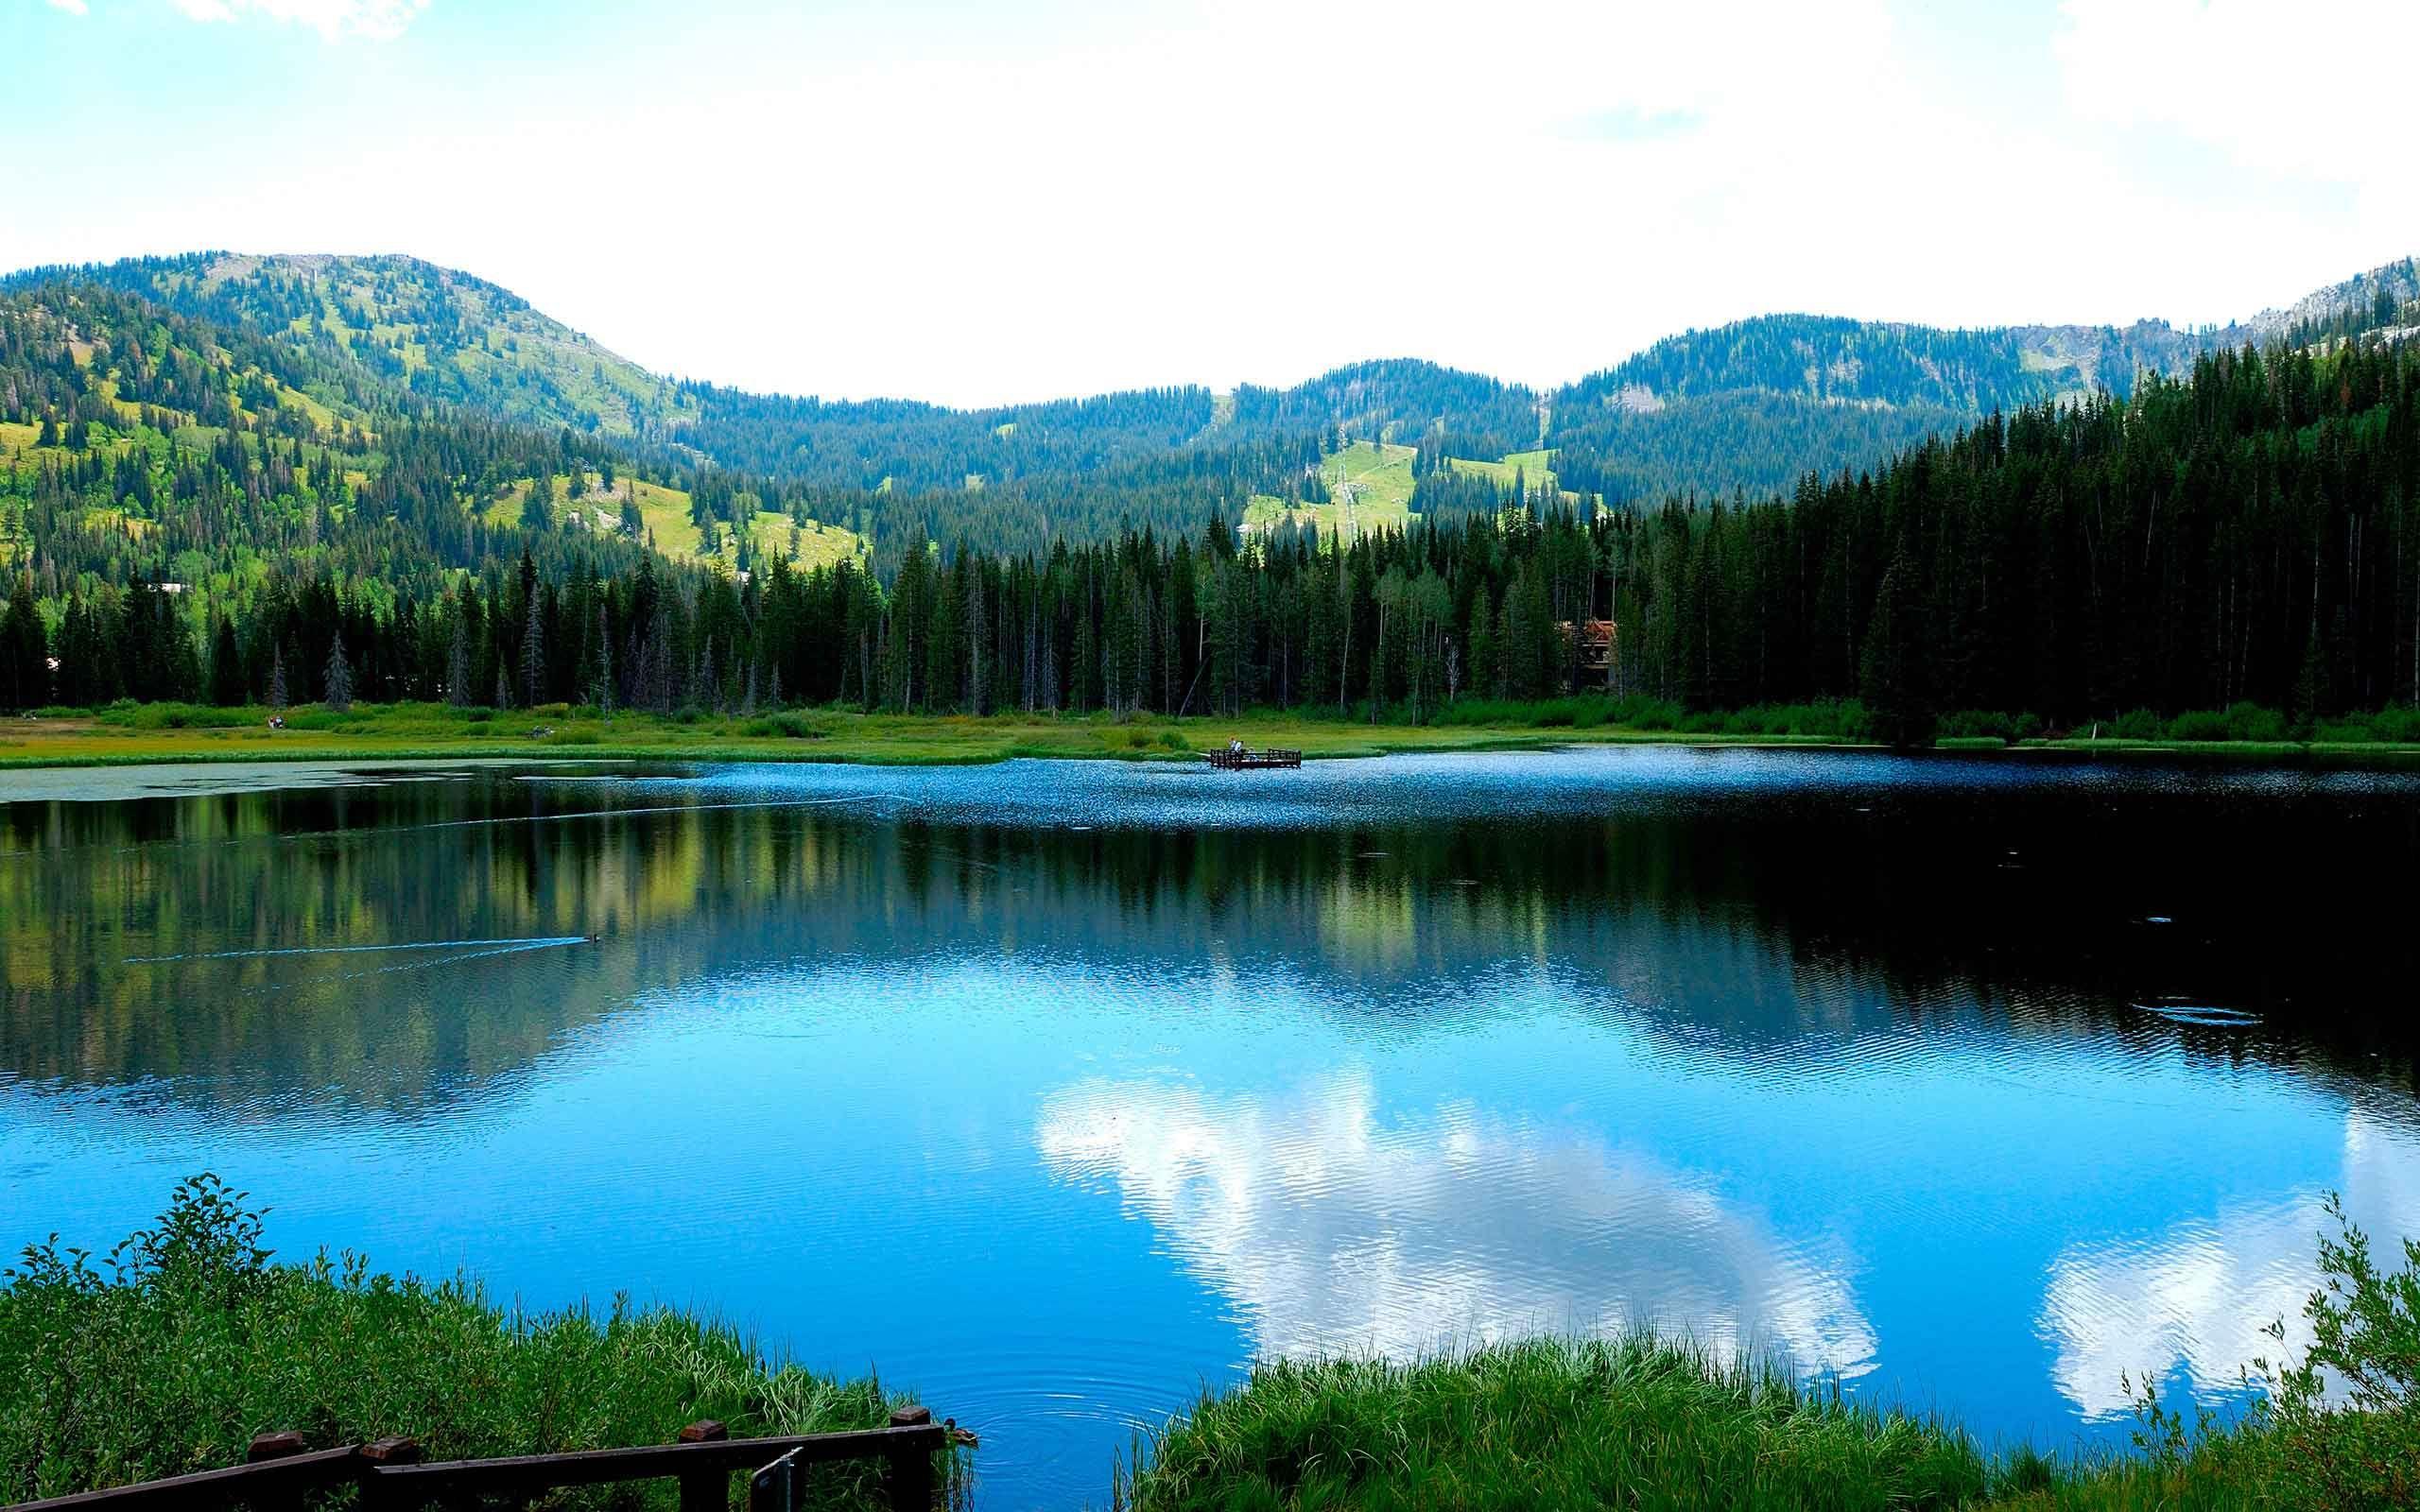 Vistas Panoramicas Fotos Paisajes Naturales Del Mundo Wallpapers 1 Jpg 2560 1600 Scenic Wallpaper Scenery Background Beautiful Nature